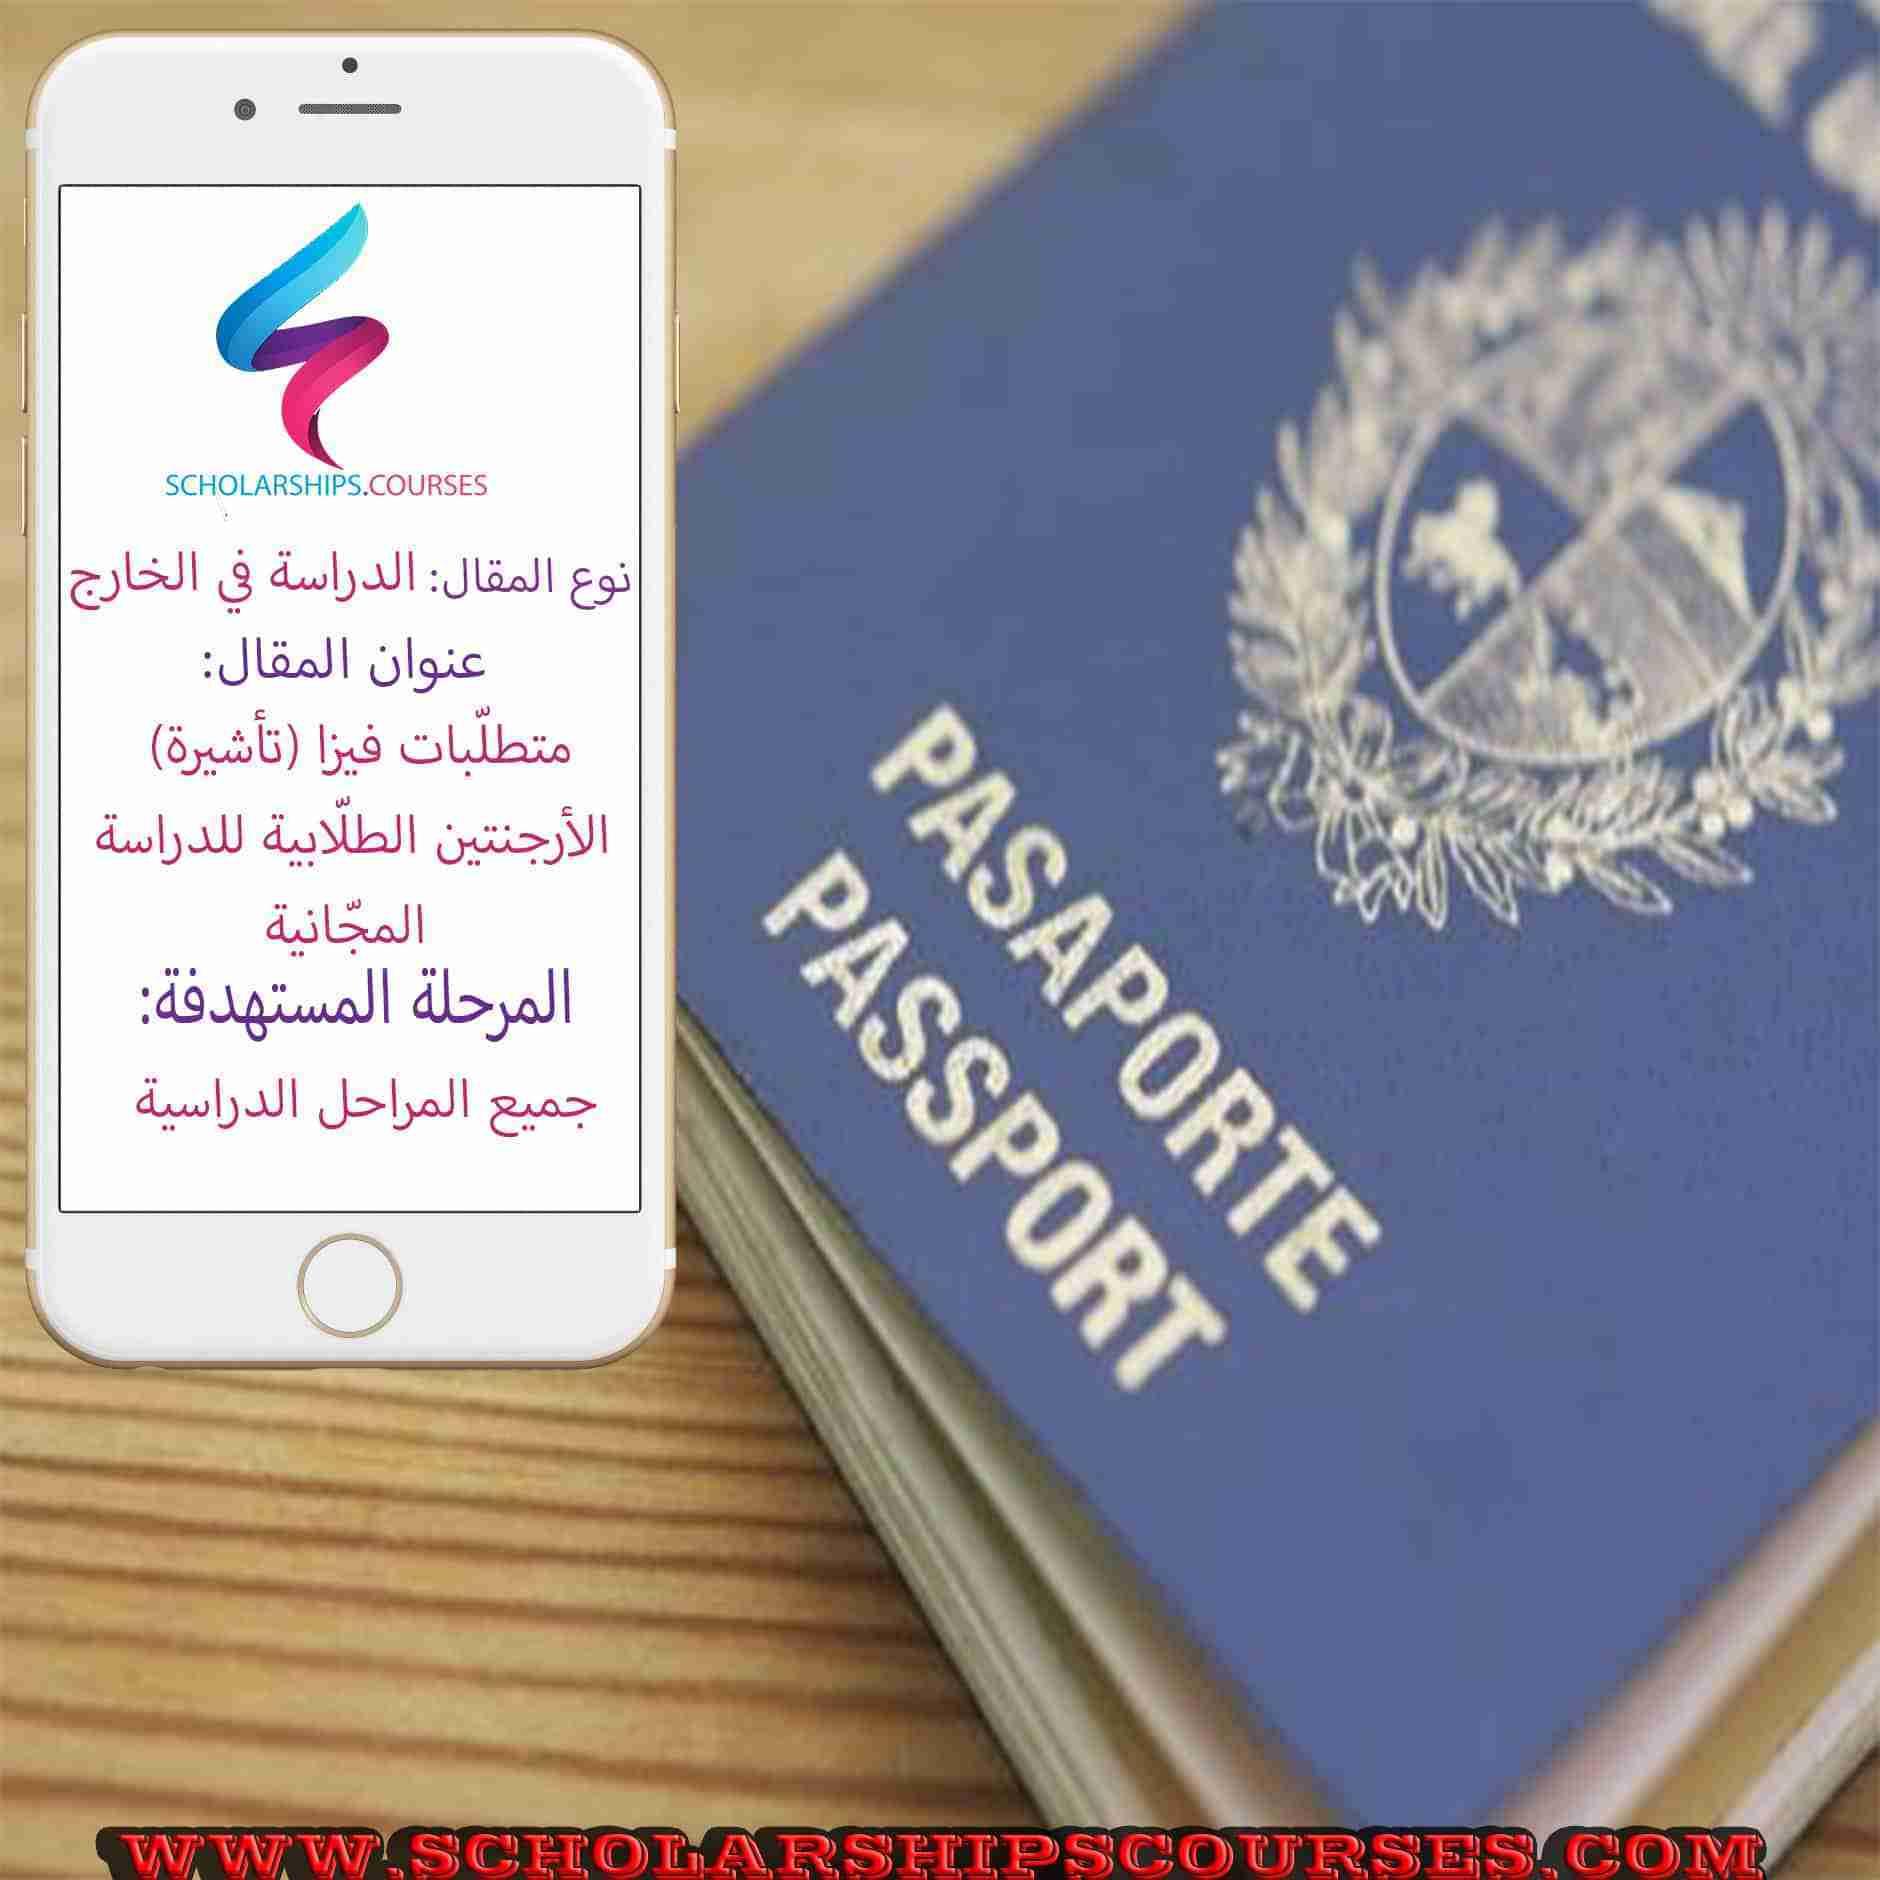 متطلّبات فيزا (تأشيرة) الأرجنتين الطلّابية للدراسة المجّانية